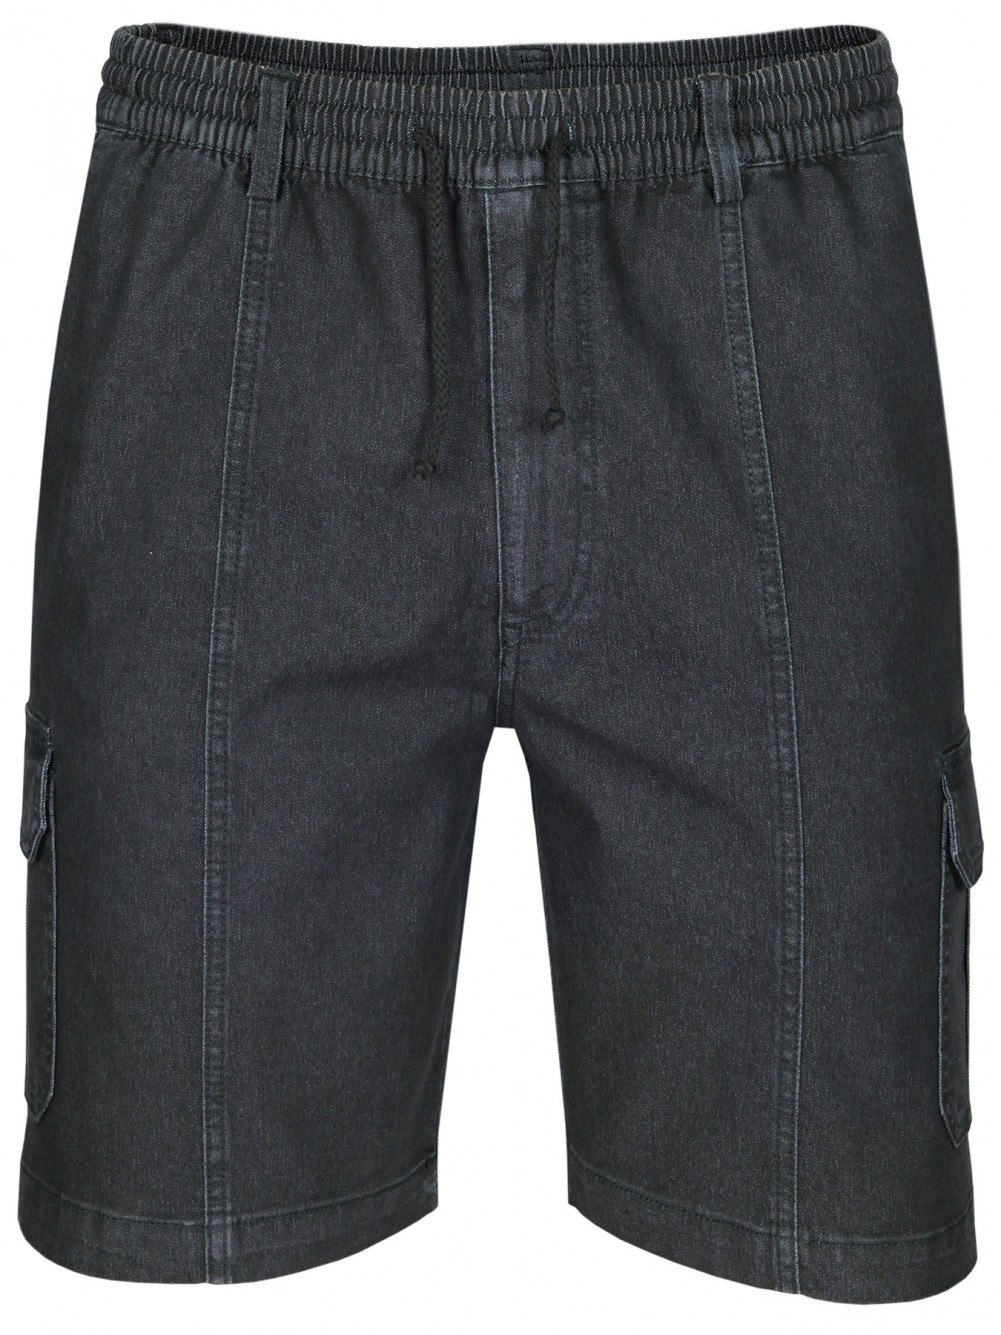 Herren Stretch Jeans-Shorts mit Schlupfbund - Schwarz